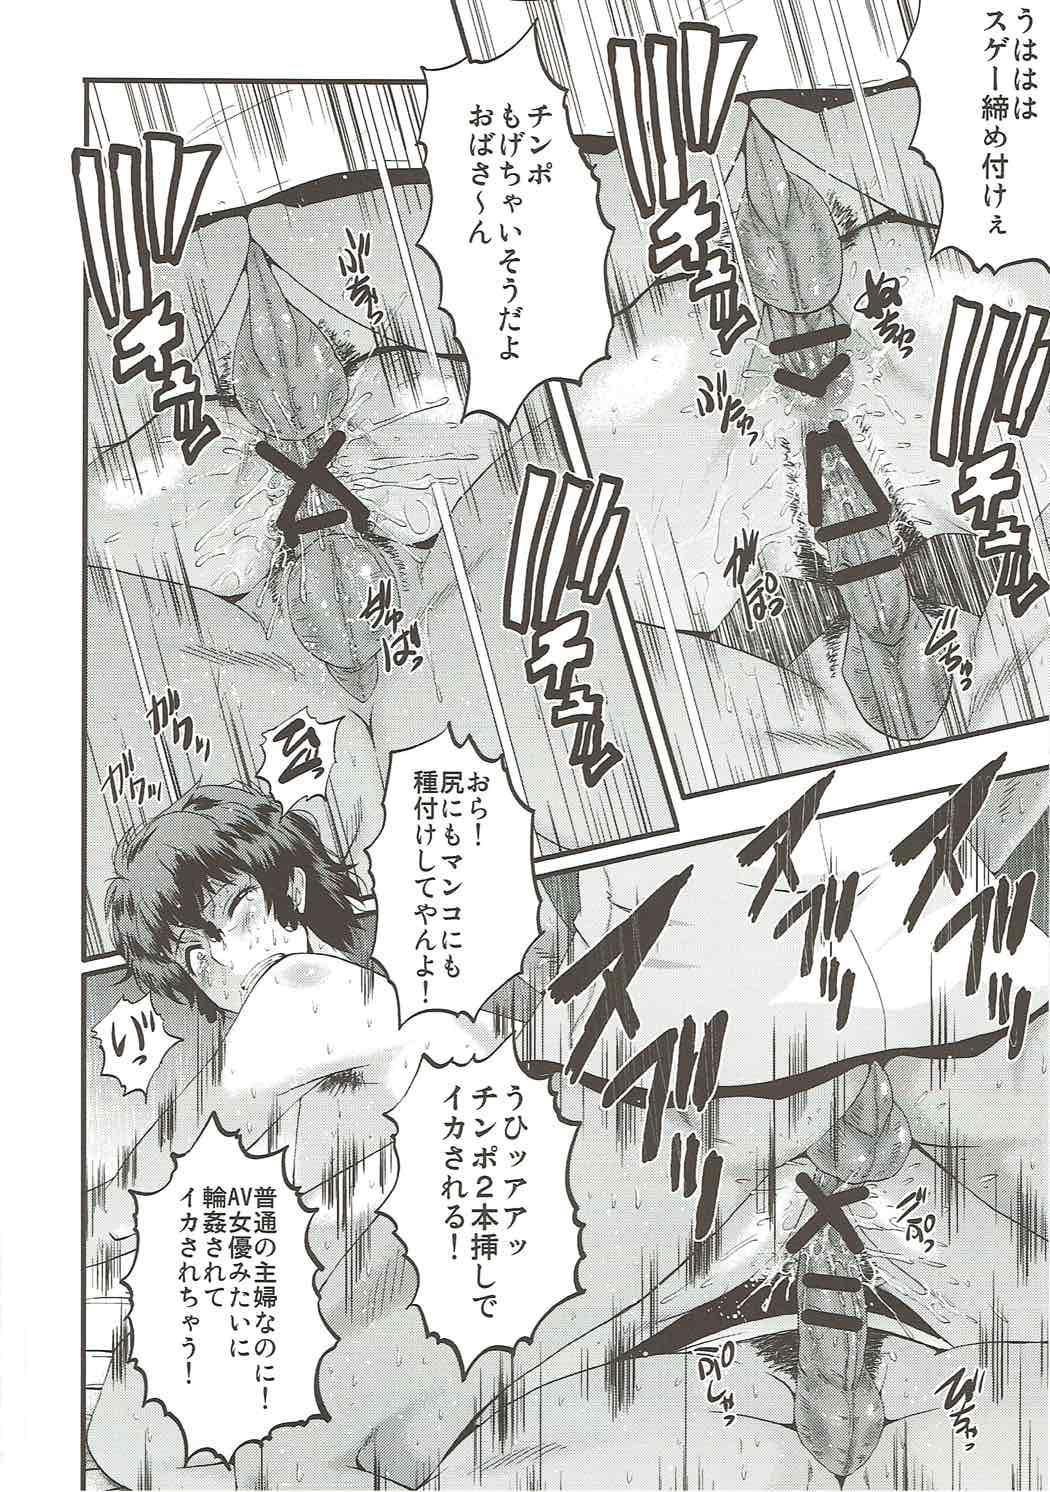 Urabambi 54 Oku-san, Chotto Ii desu ka? 20